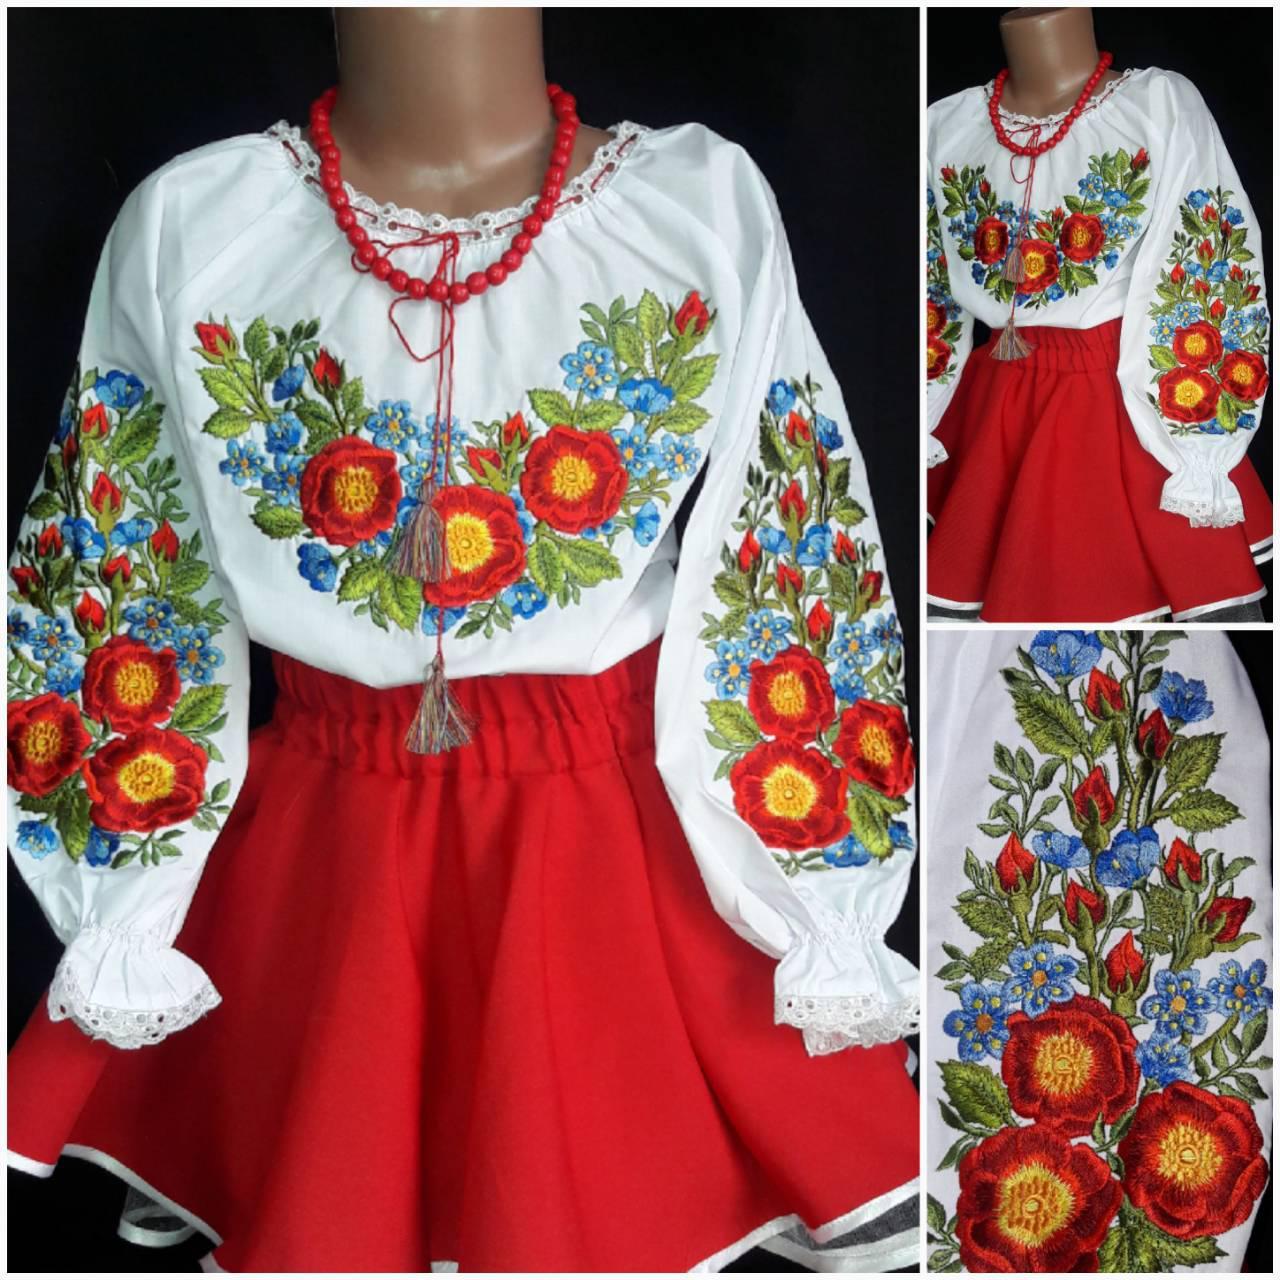 """Блуза детская - вышиванка  """"Шипшинка"""", 120-146 рост, 295/255 (цена за 1 шт. + 40 гр.)"""